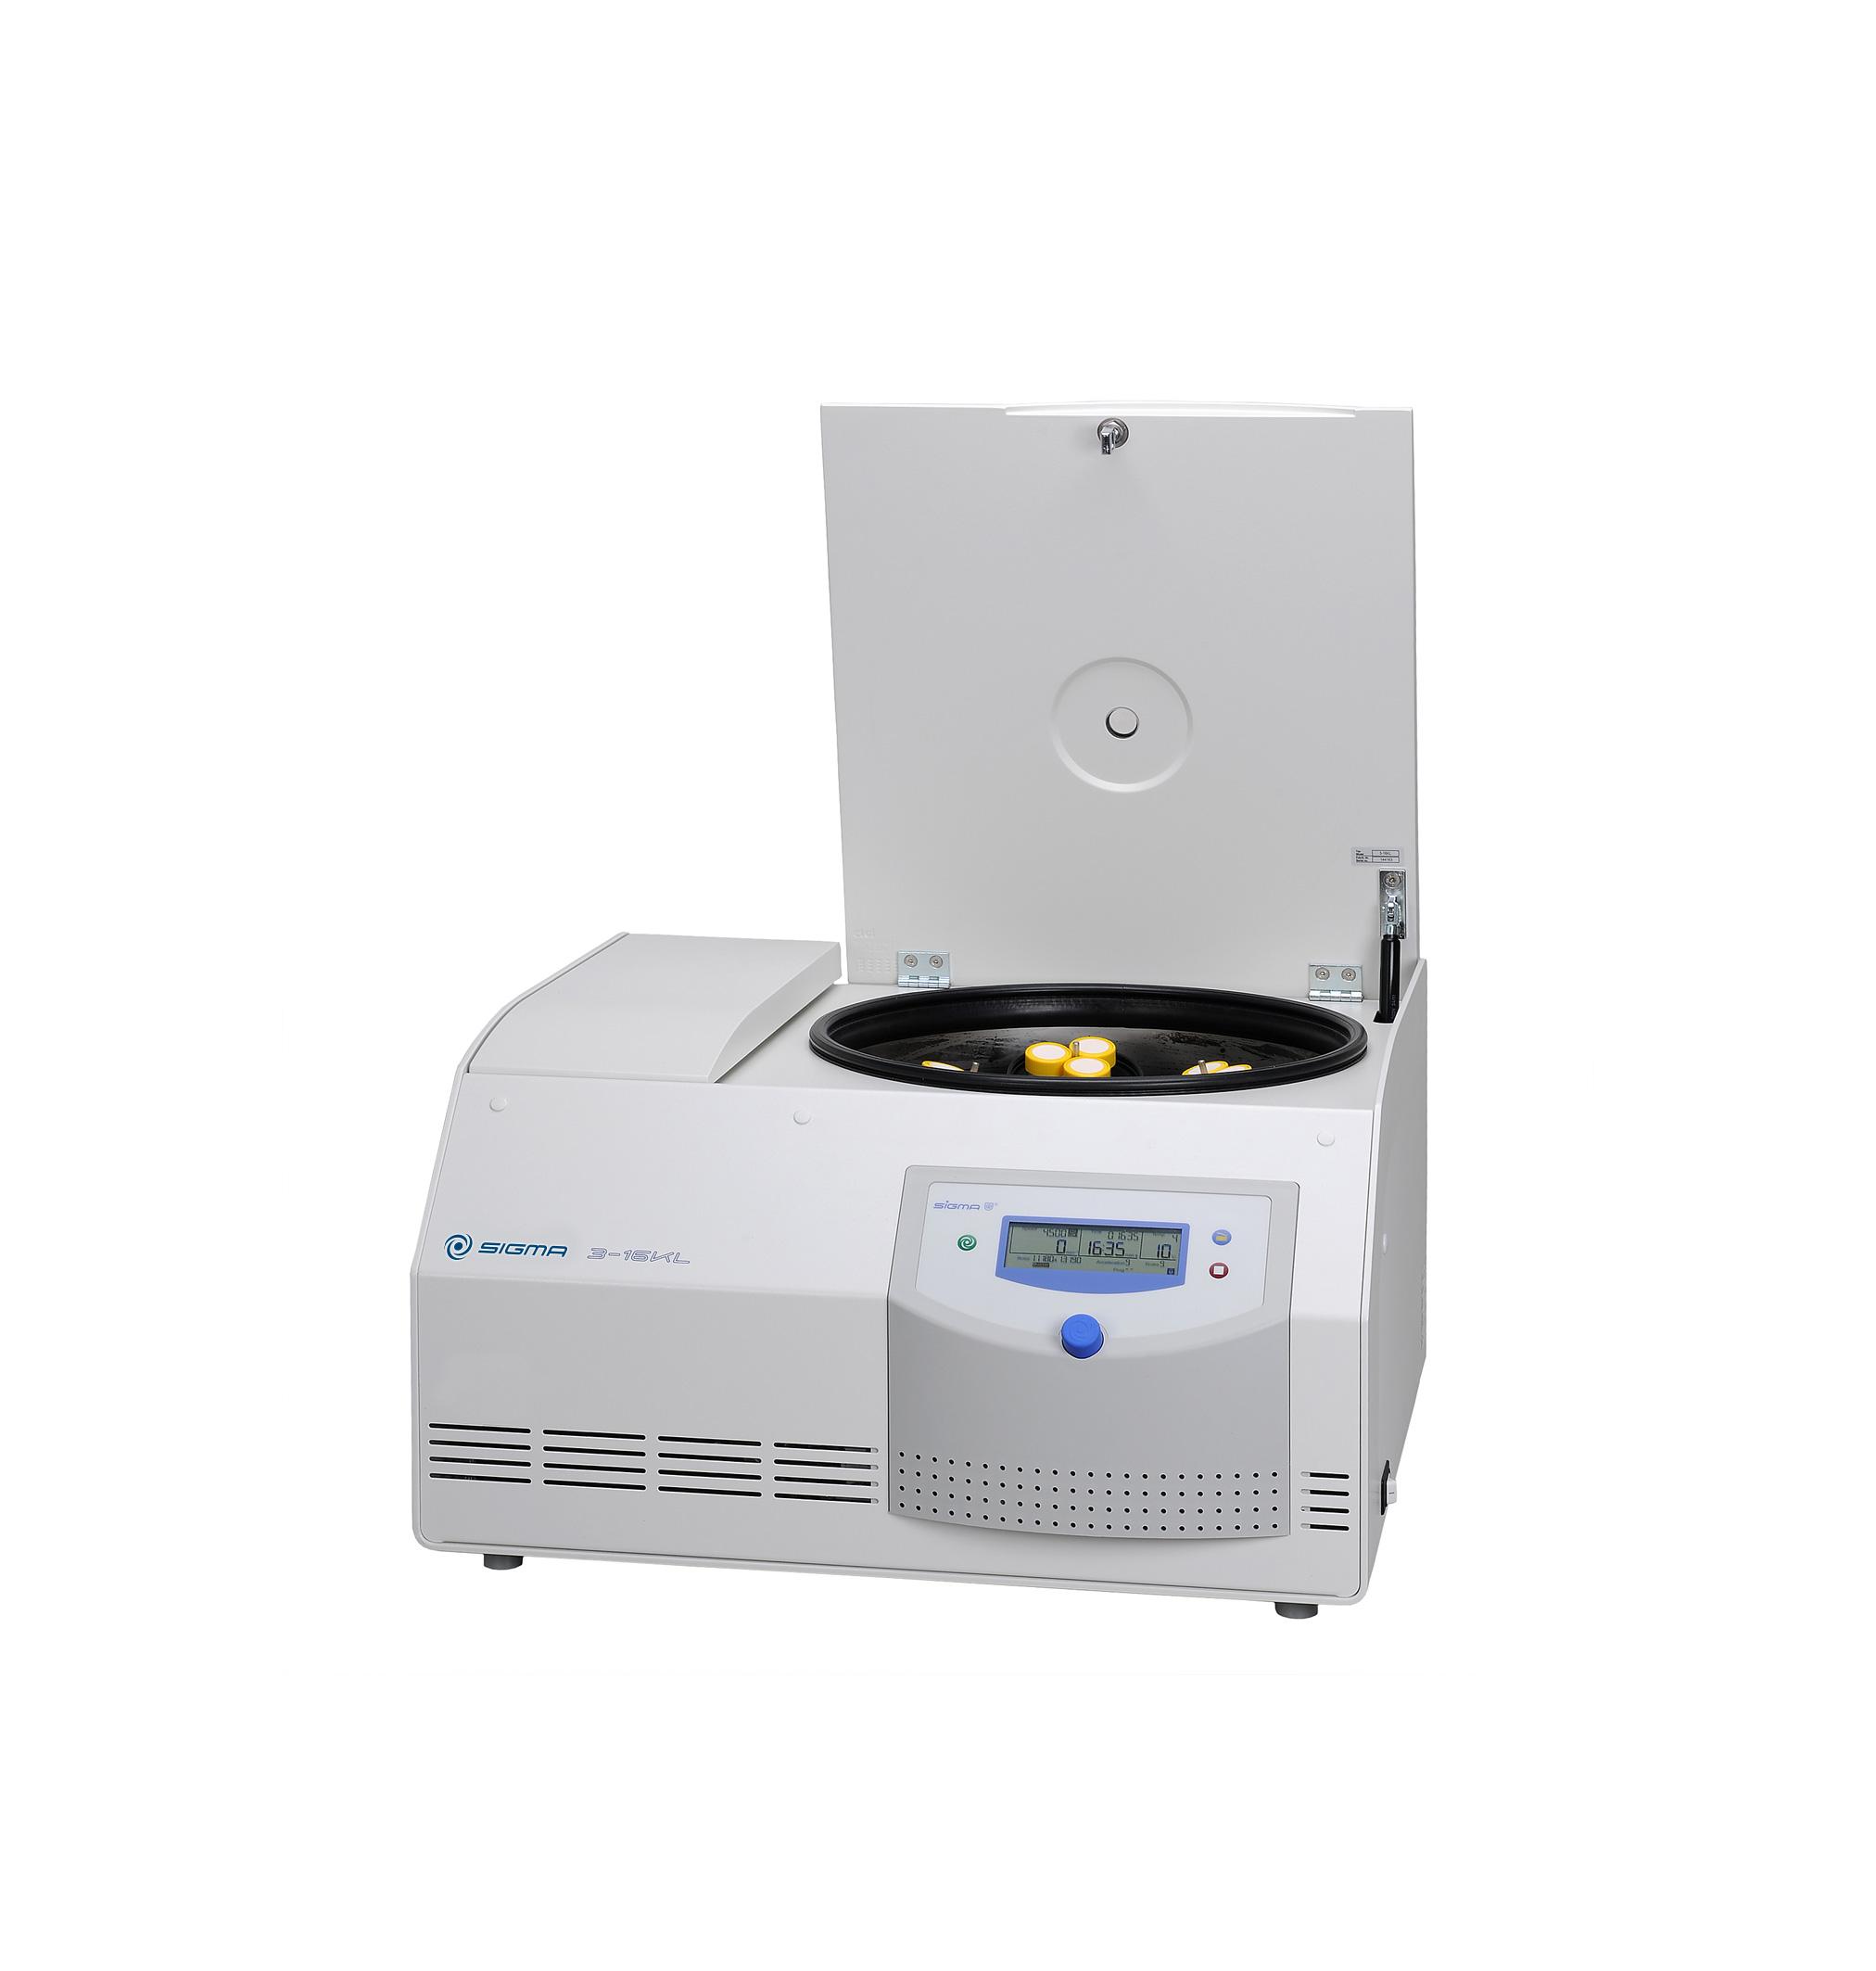 Sigma 3-16KL centrifuge open lid